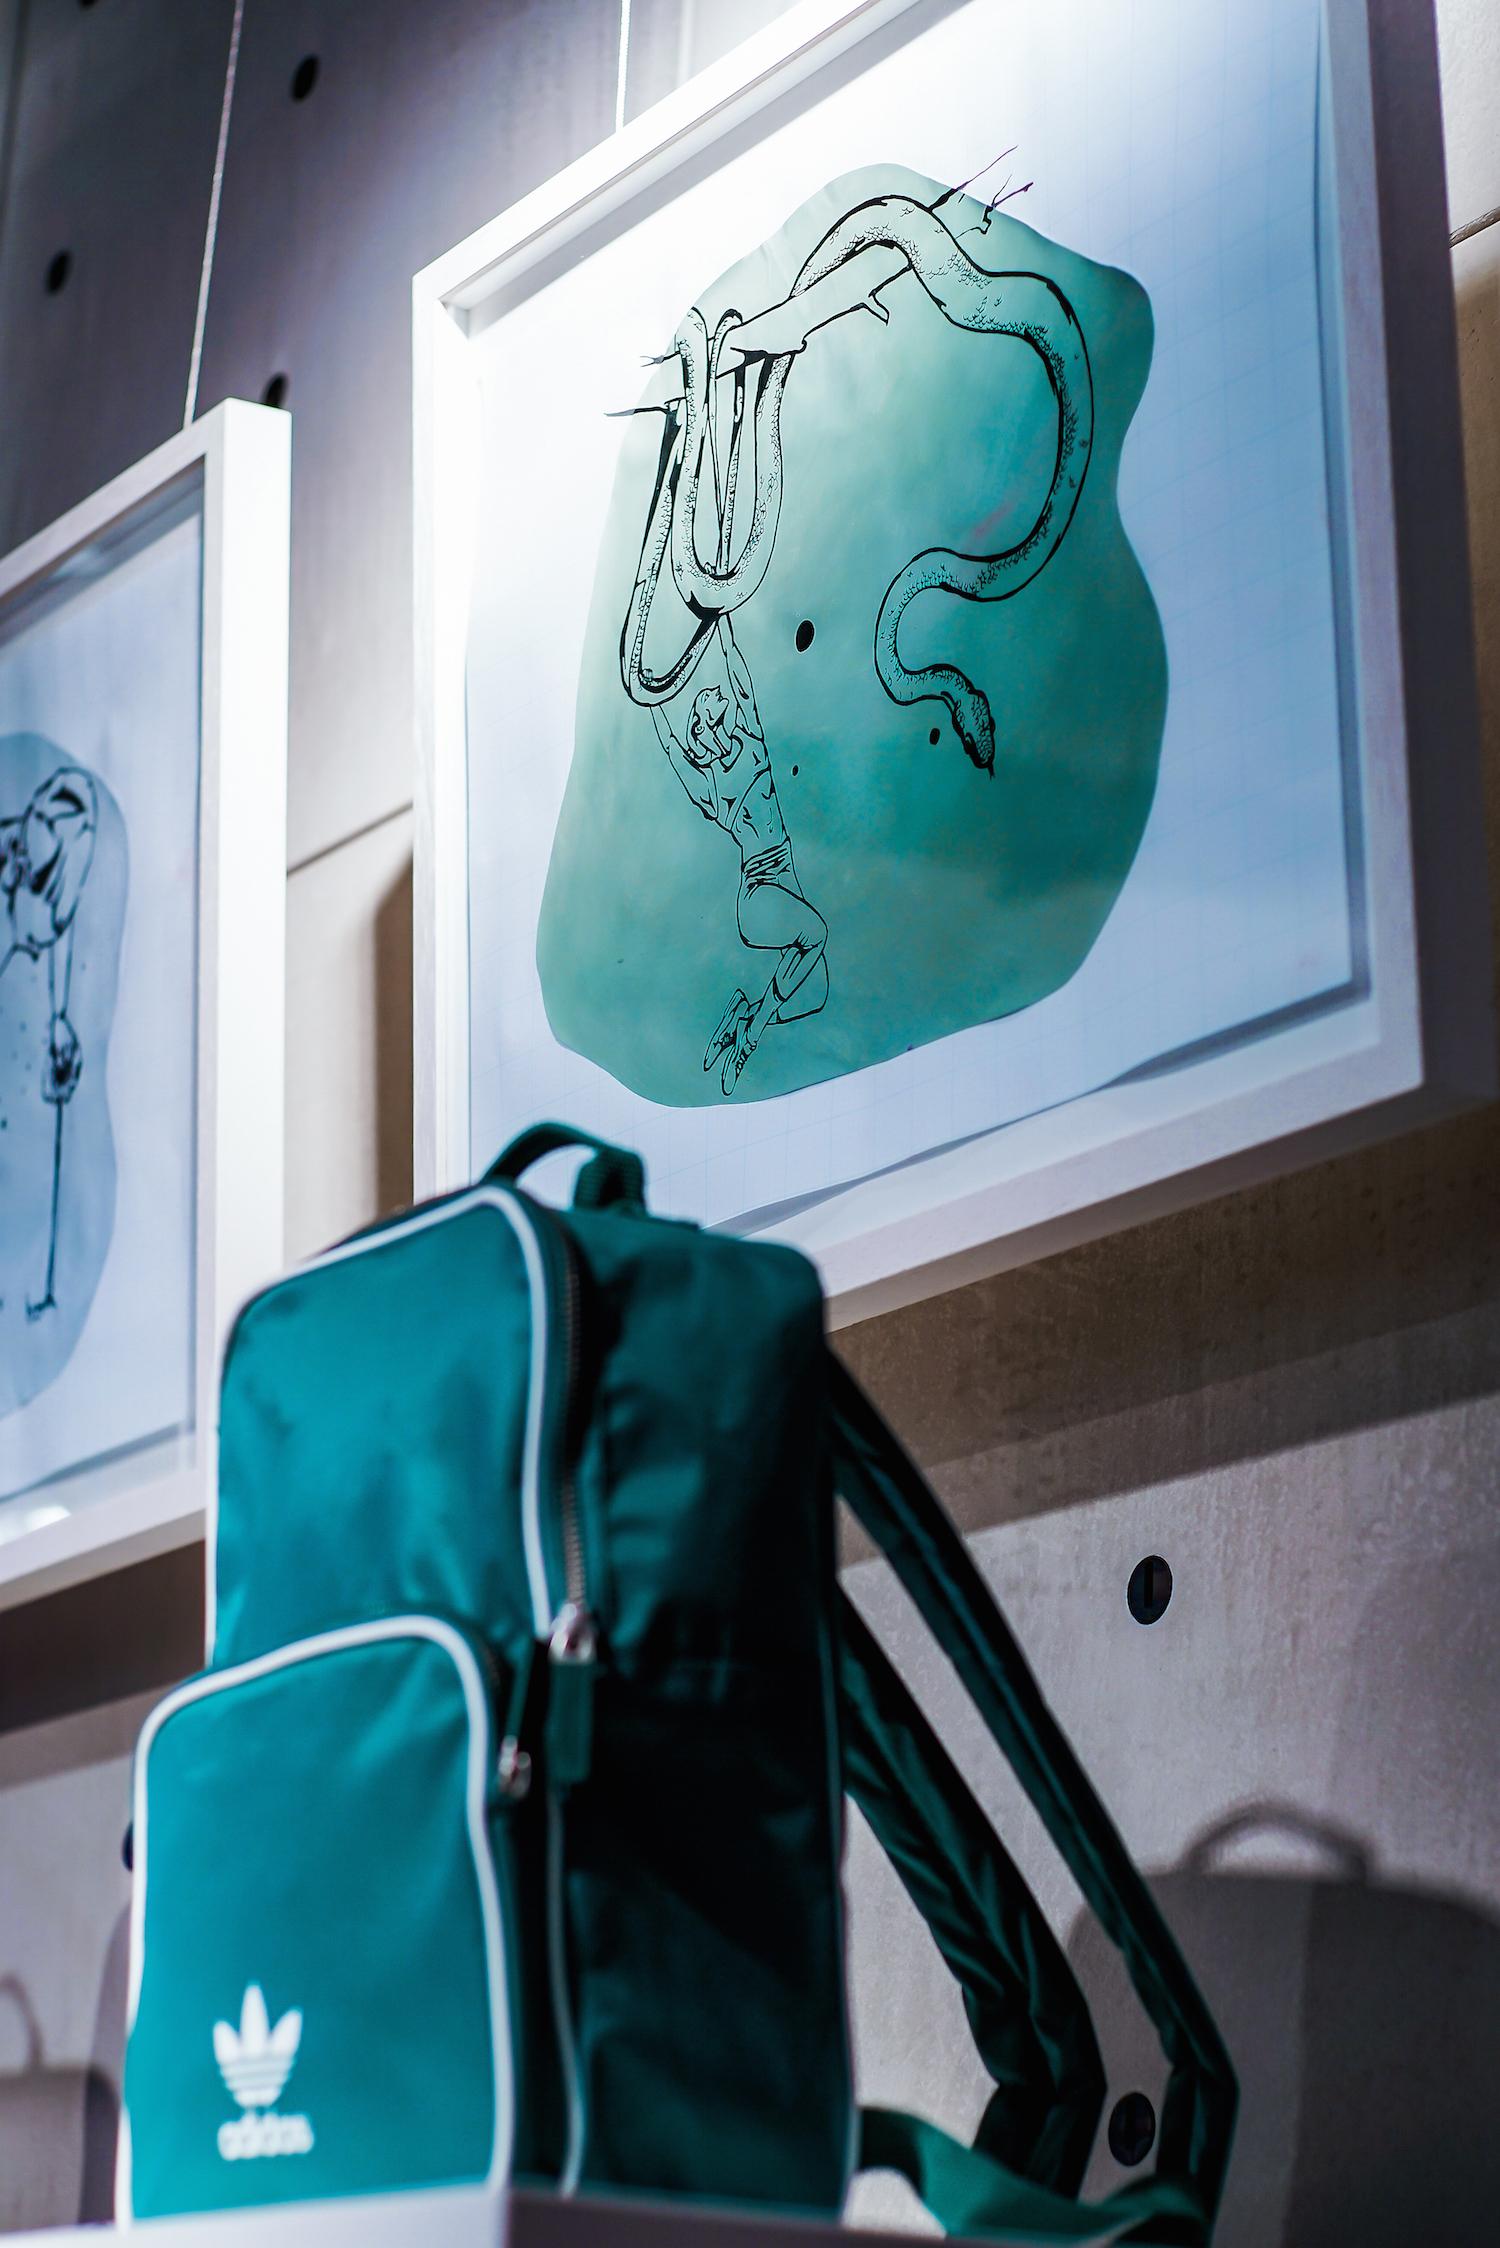 intervista al curatore Caio Twombly per OriginalsMilano Grid Talk   Collater.al 6